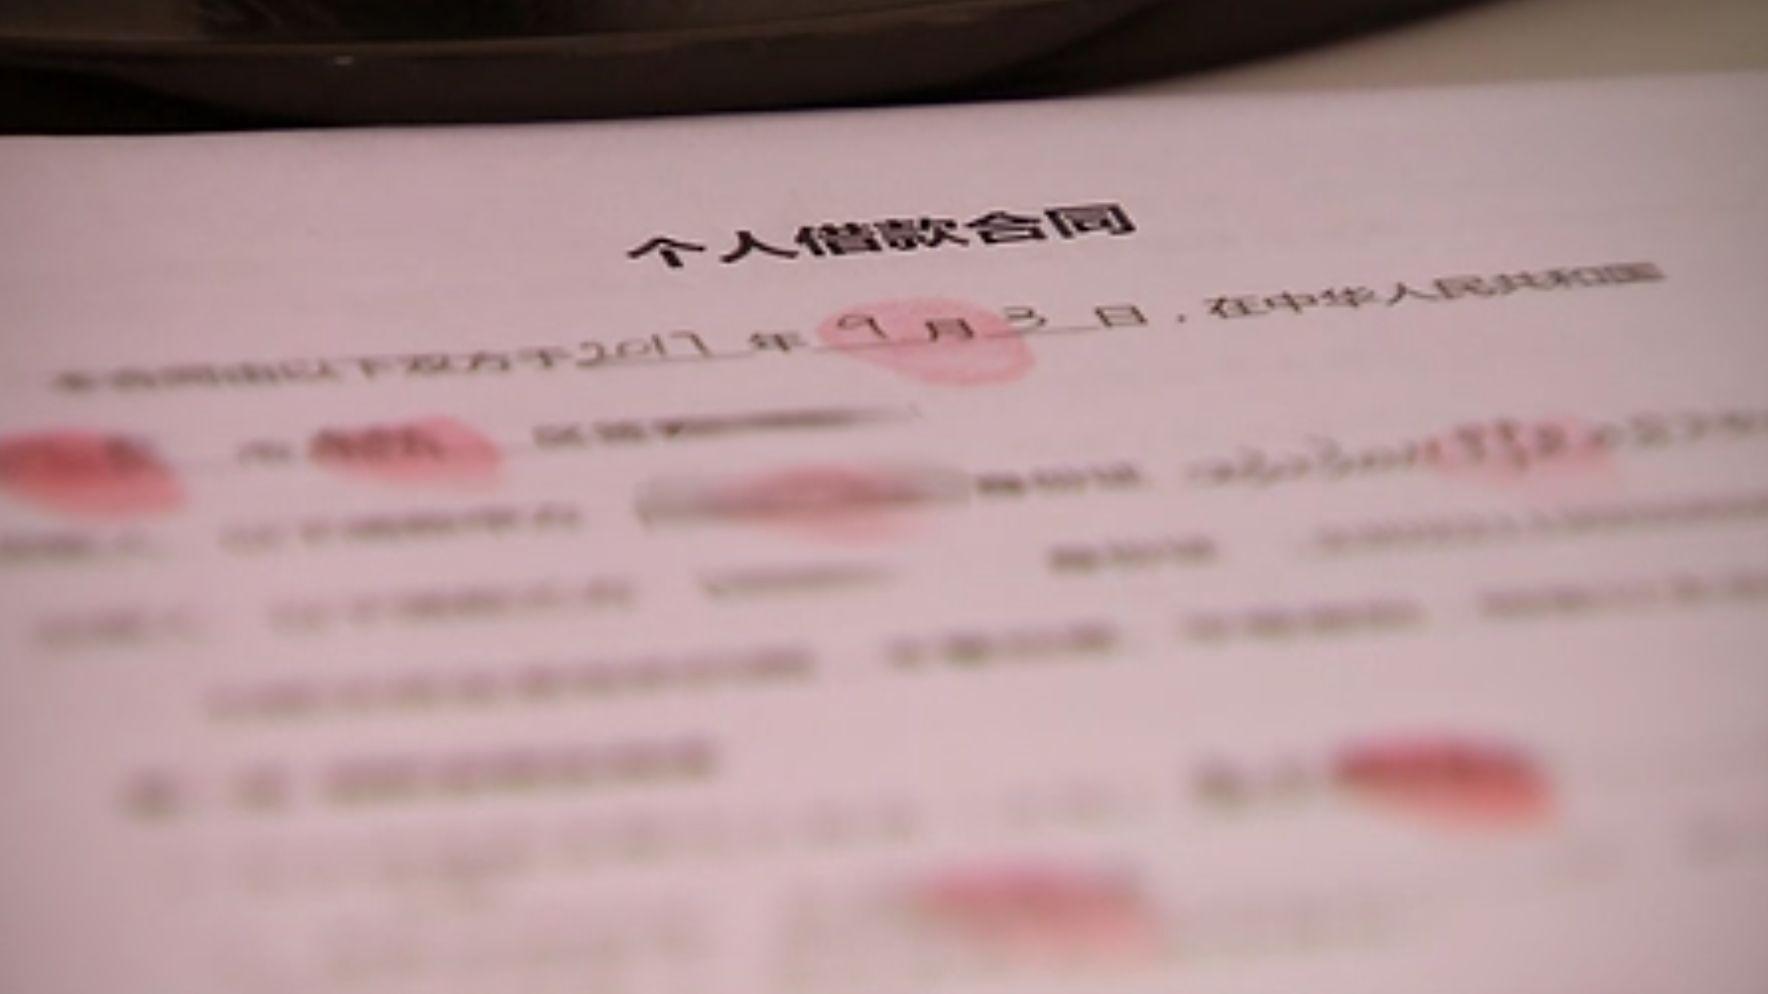 女大学生借贷千元半年滚成18万被逼当陪酒女还钱